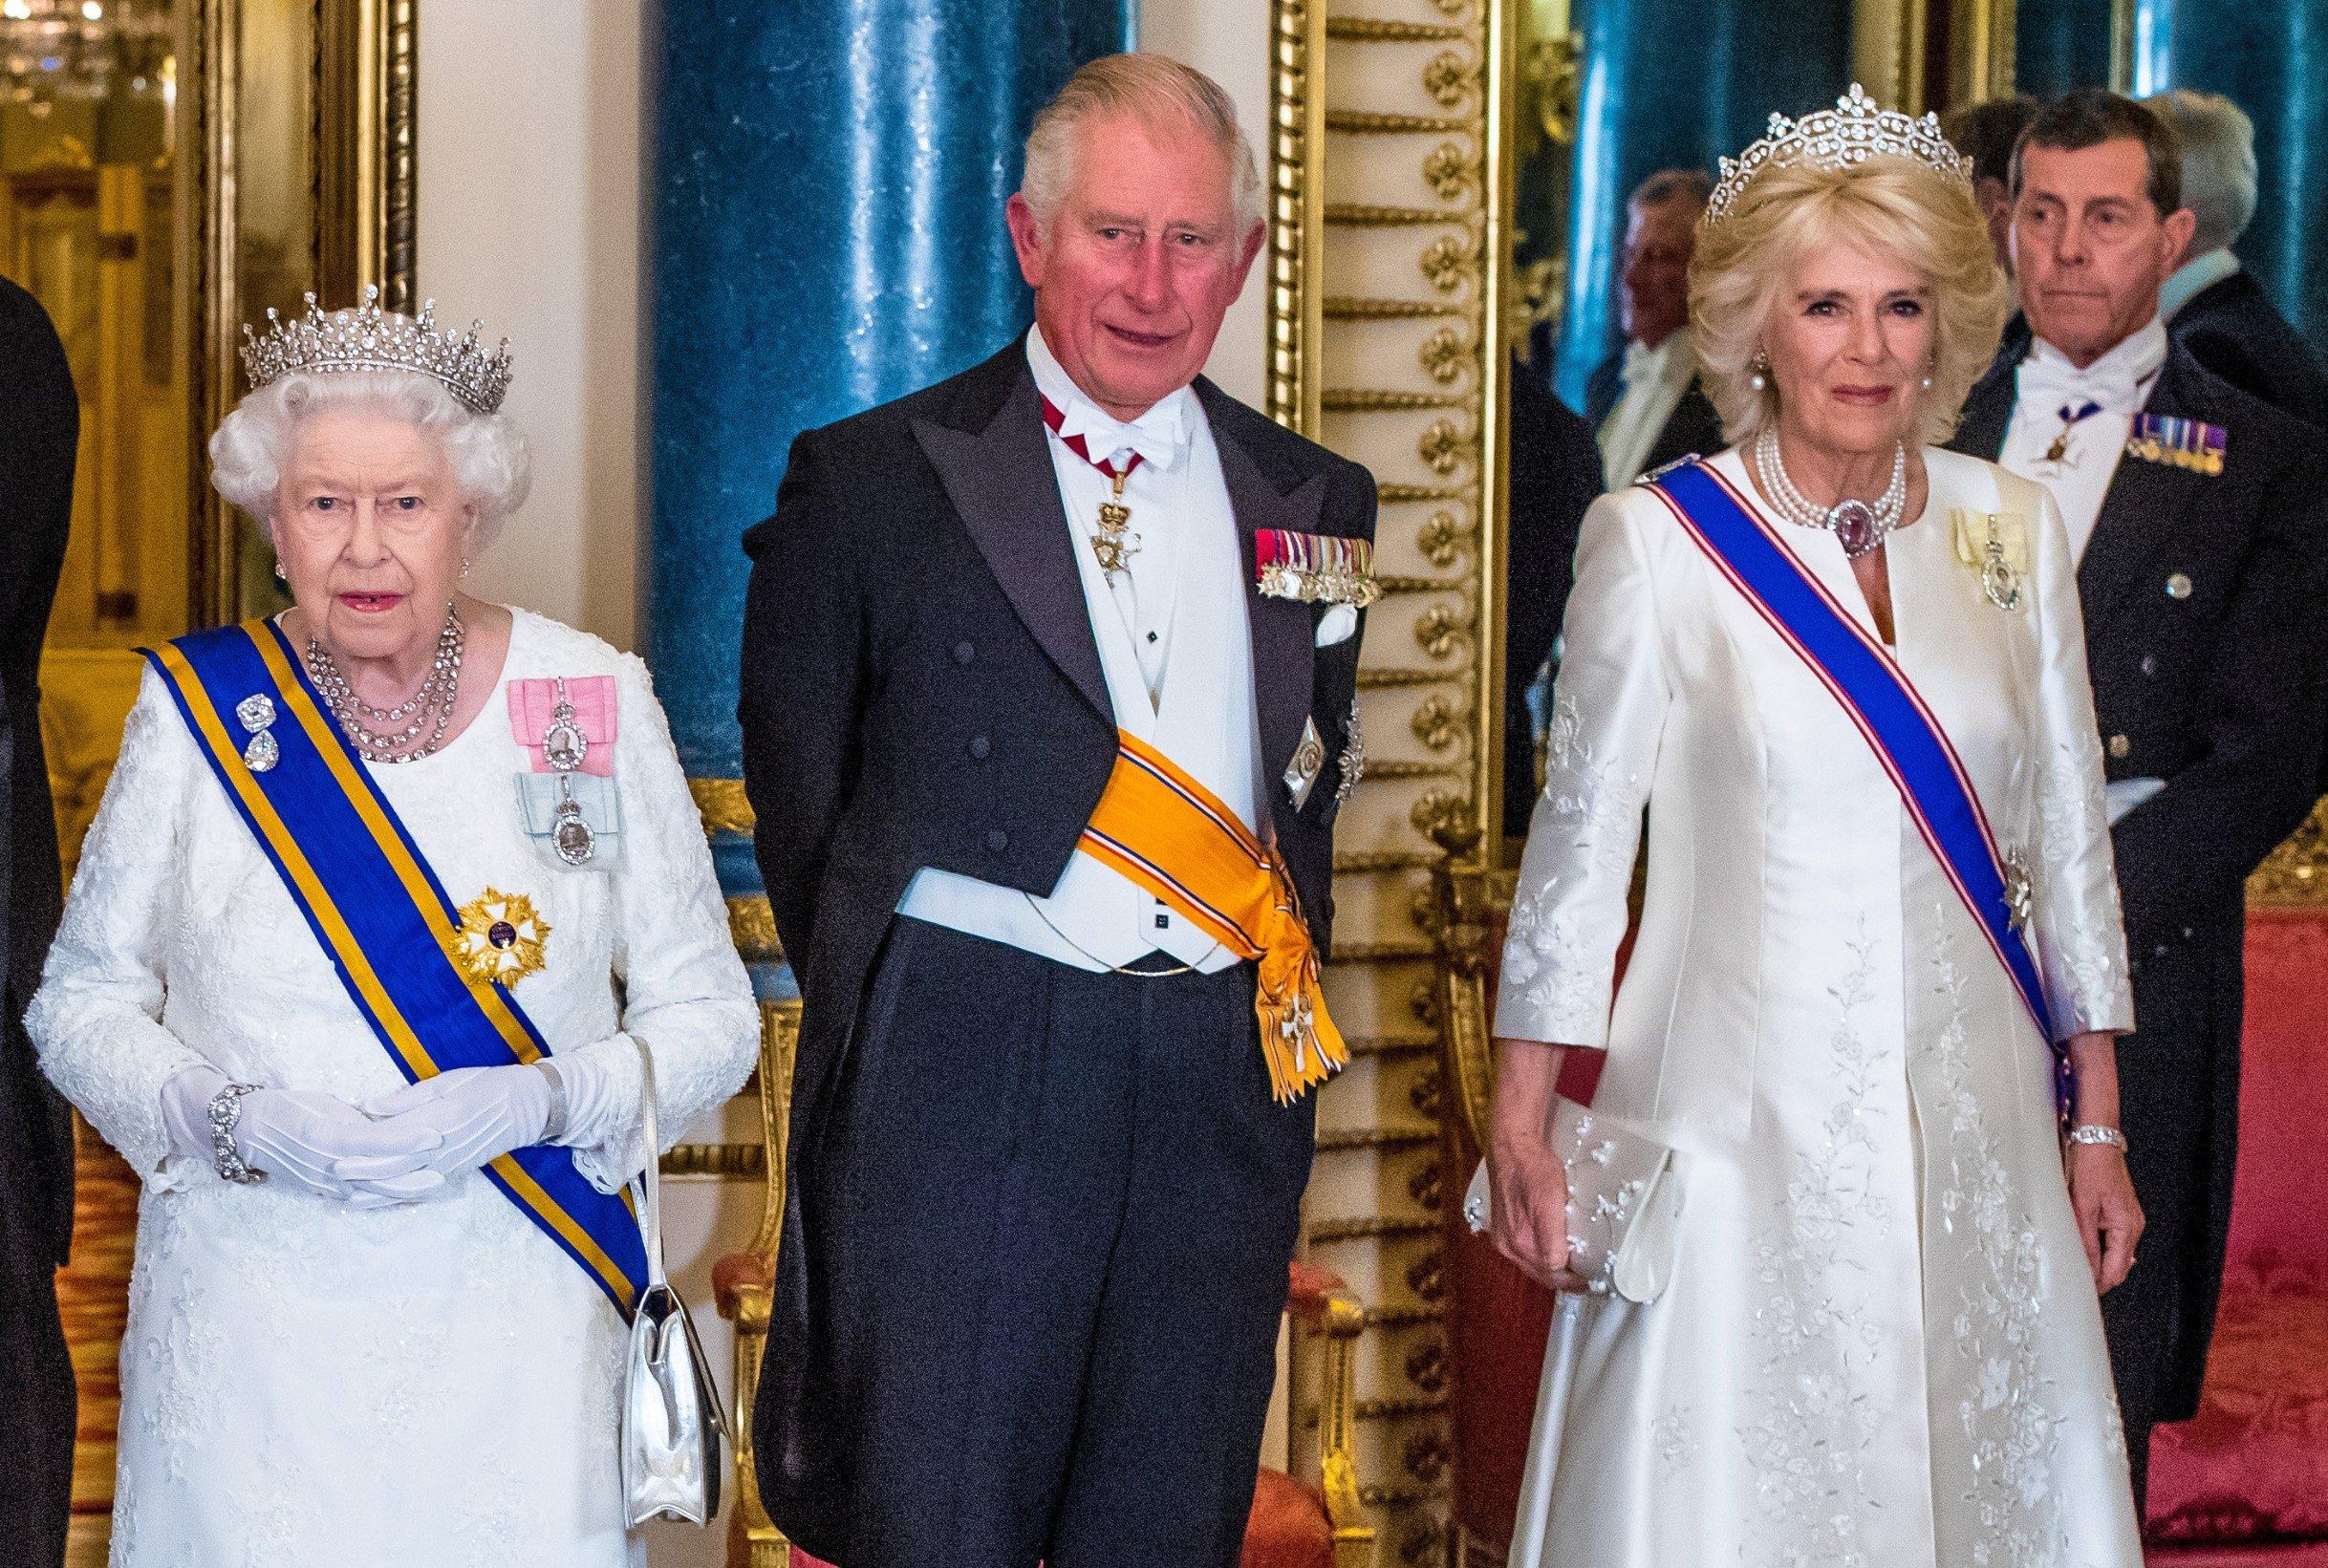 Charles se nakon samo tjedan dana oporavio od bolesti, a Camilla, iako negativna na virus, još uvijek je u samoizolaciji.